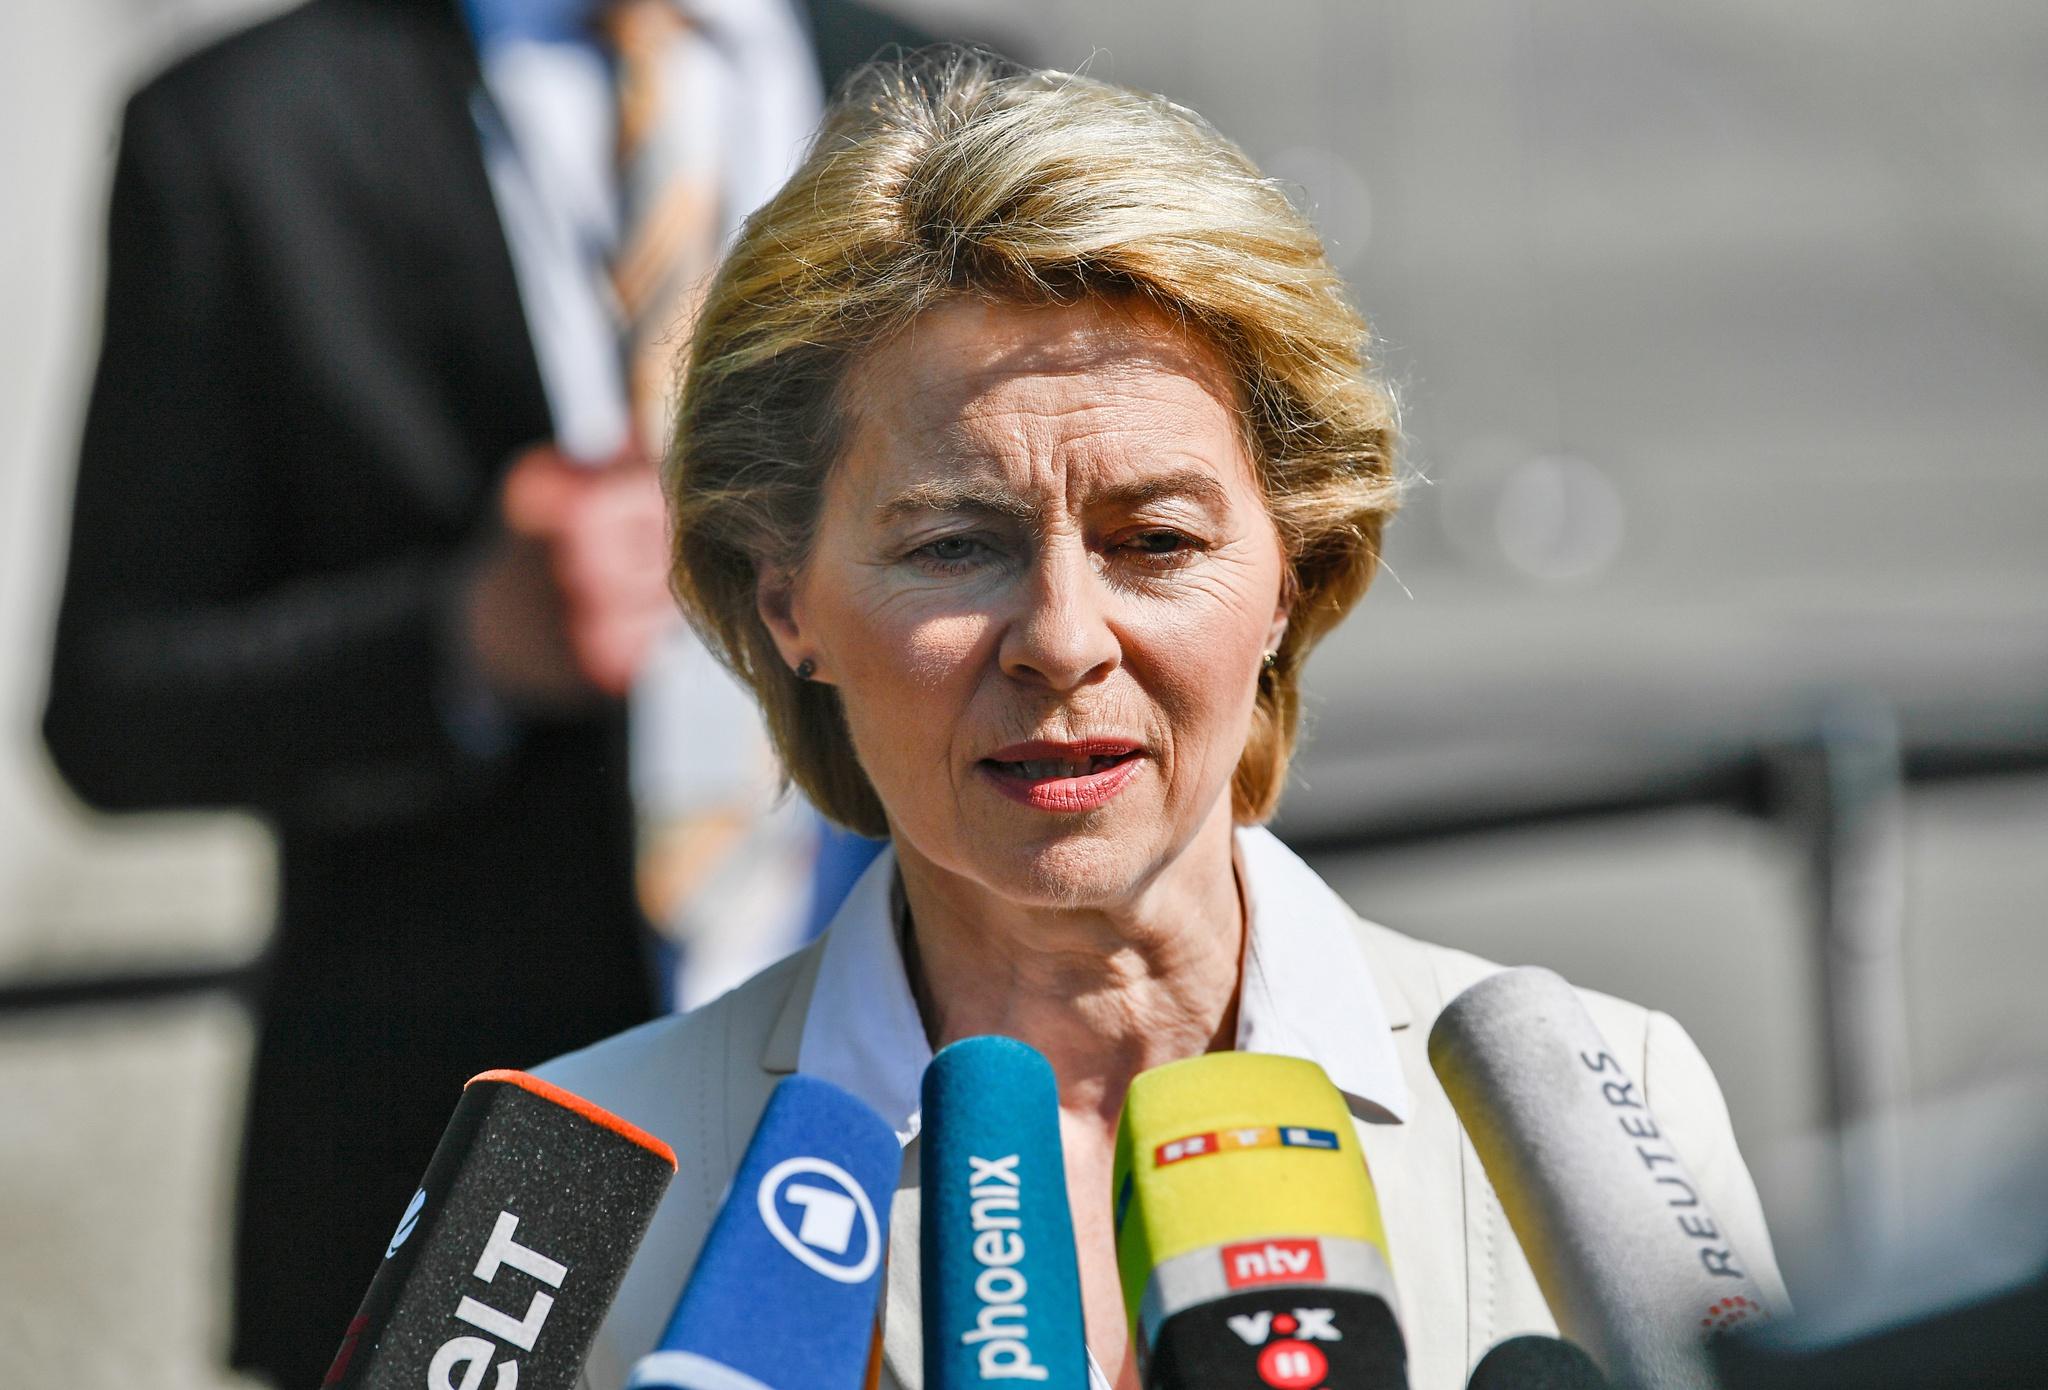 Resultado de imagem para Ursula von der Leyen. Médica, ministra da Defesa e a escolha para liderar a Comissão Europeia